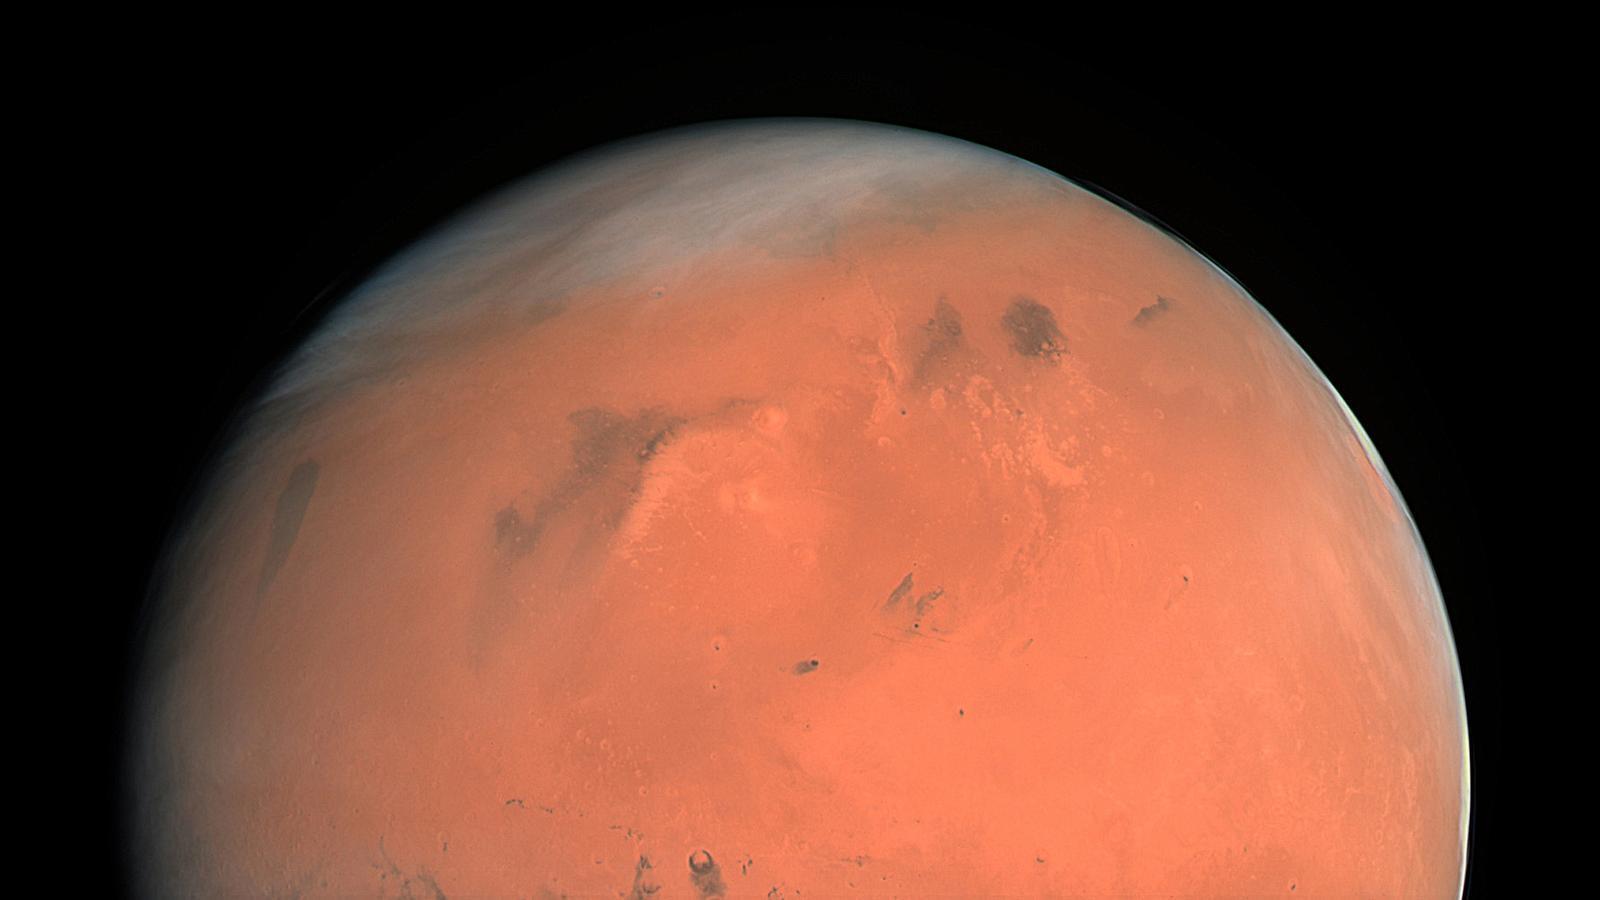 Imatge del color vertader de Mart, presa al febrer de 2007 per l'instrument OSIRIS de la sonda espacial Rosetta